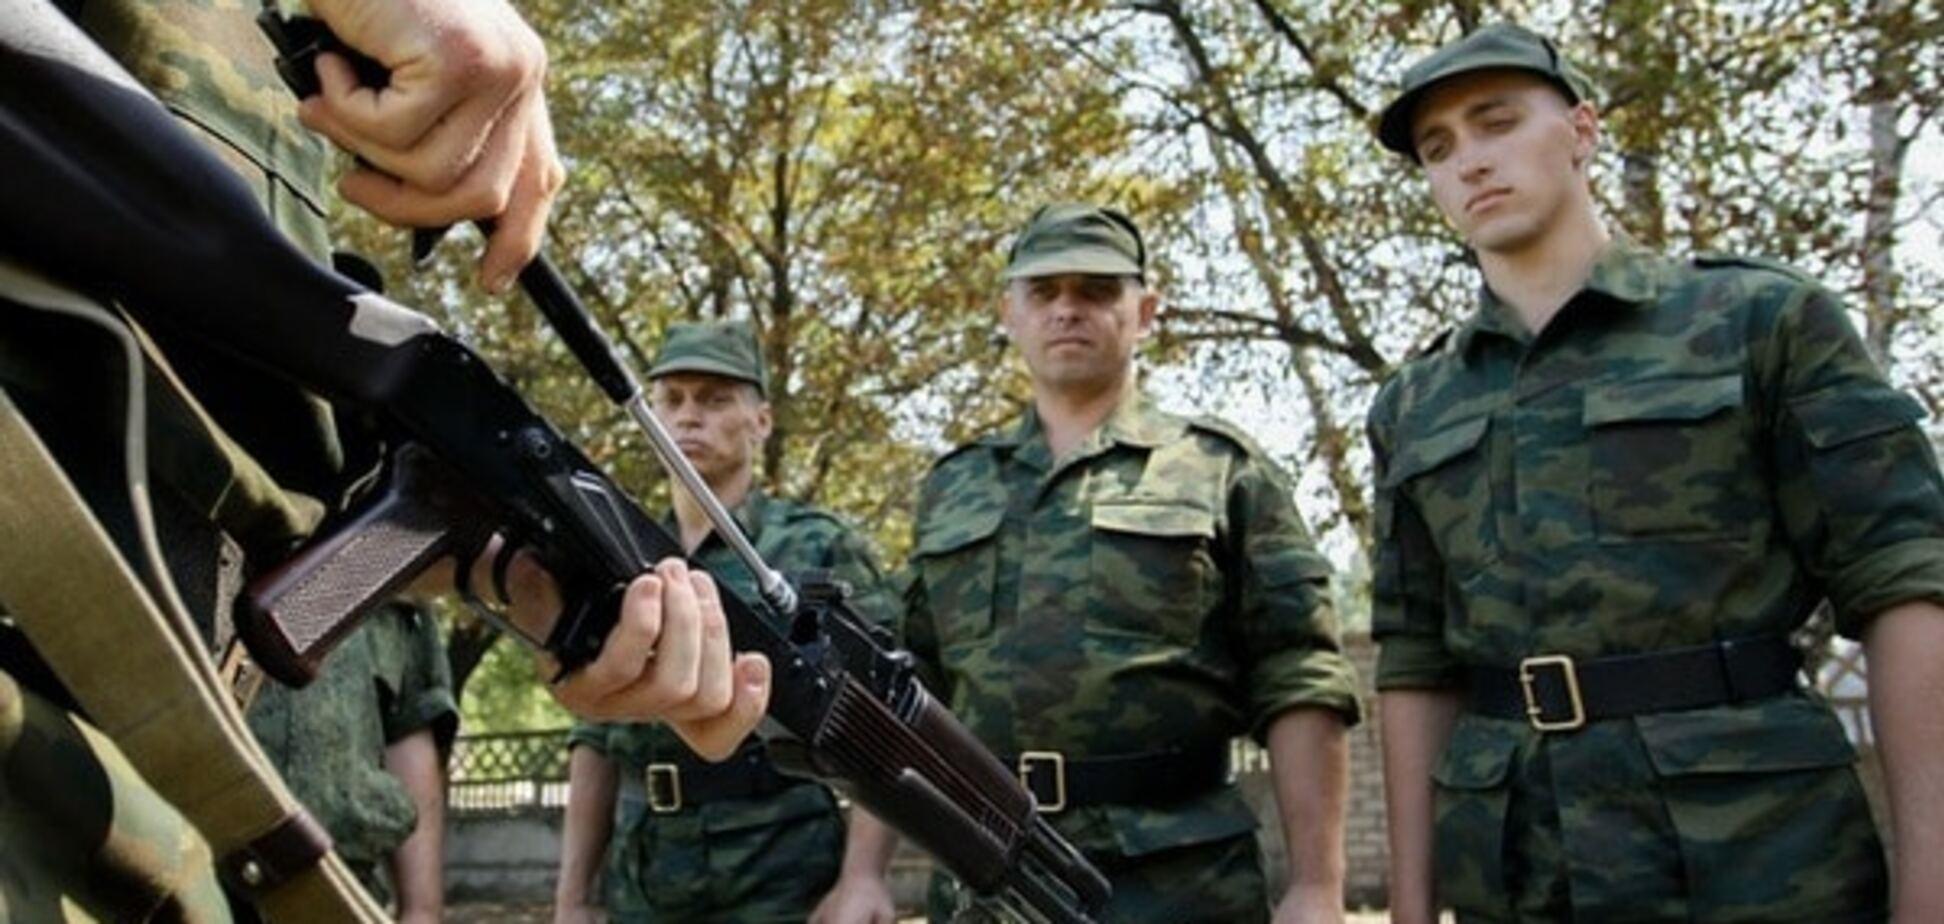 Терористи атакували бійців АТО в Авдіївці та Ясинуватій з АГС